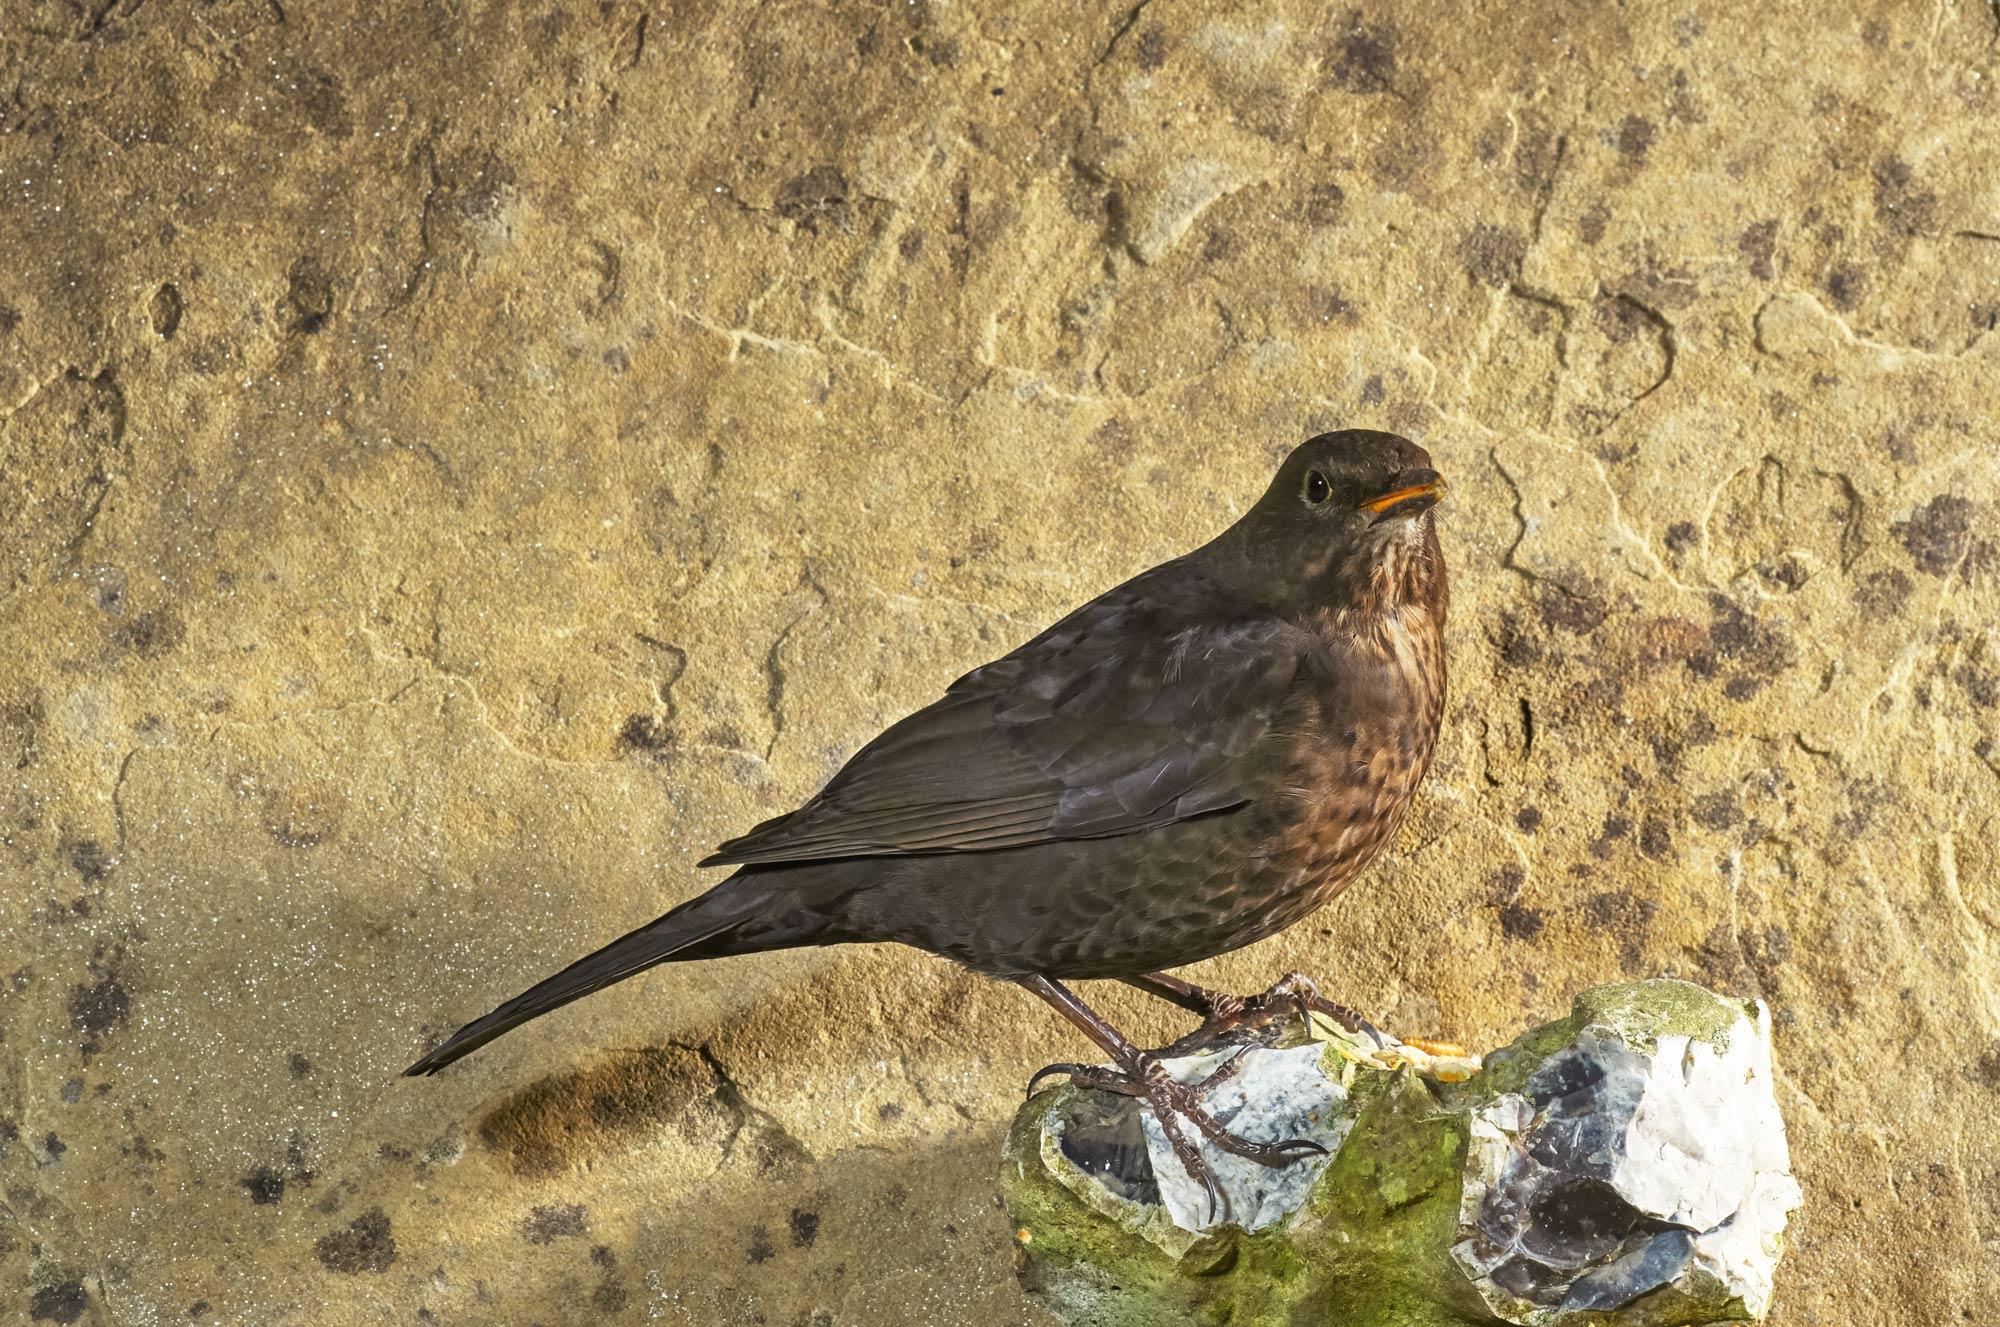 Blackbird_SJHL1527.jpg